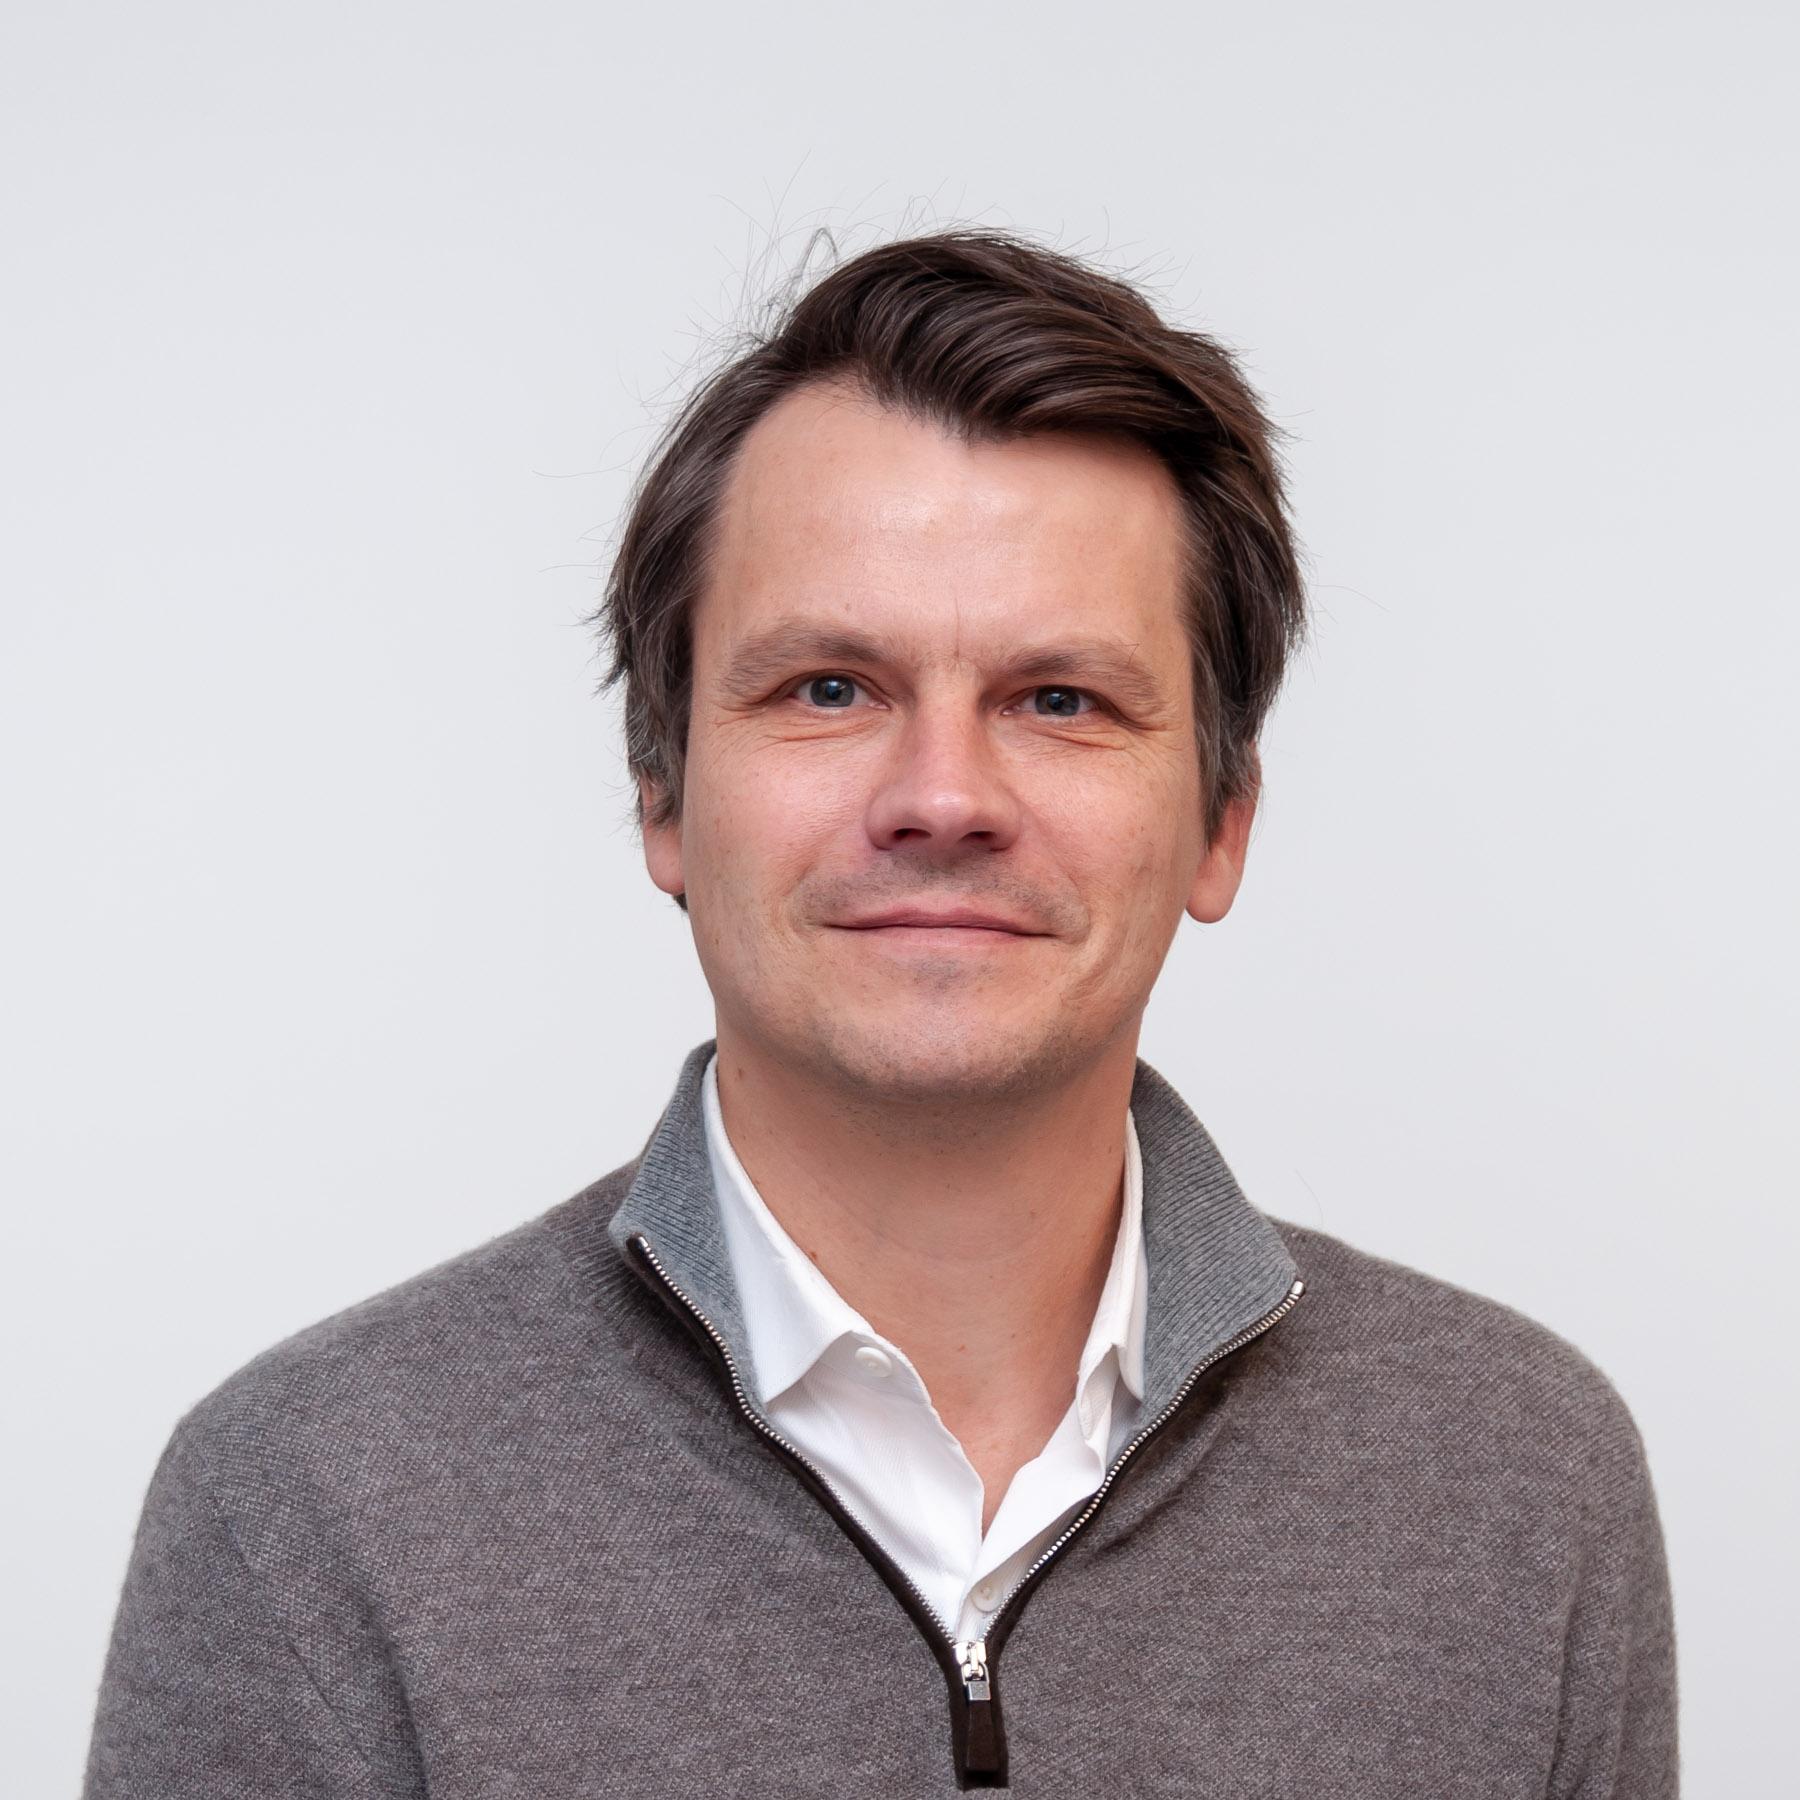 Steffen Käubler